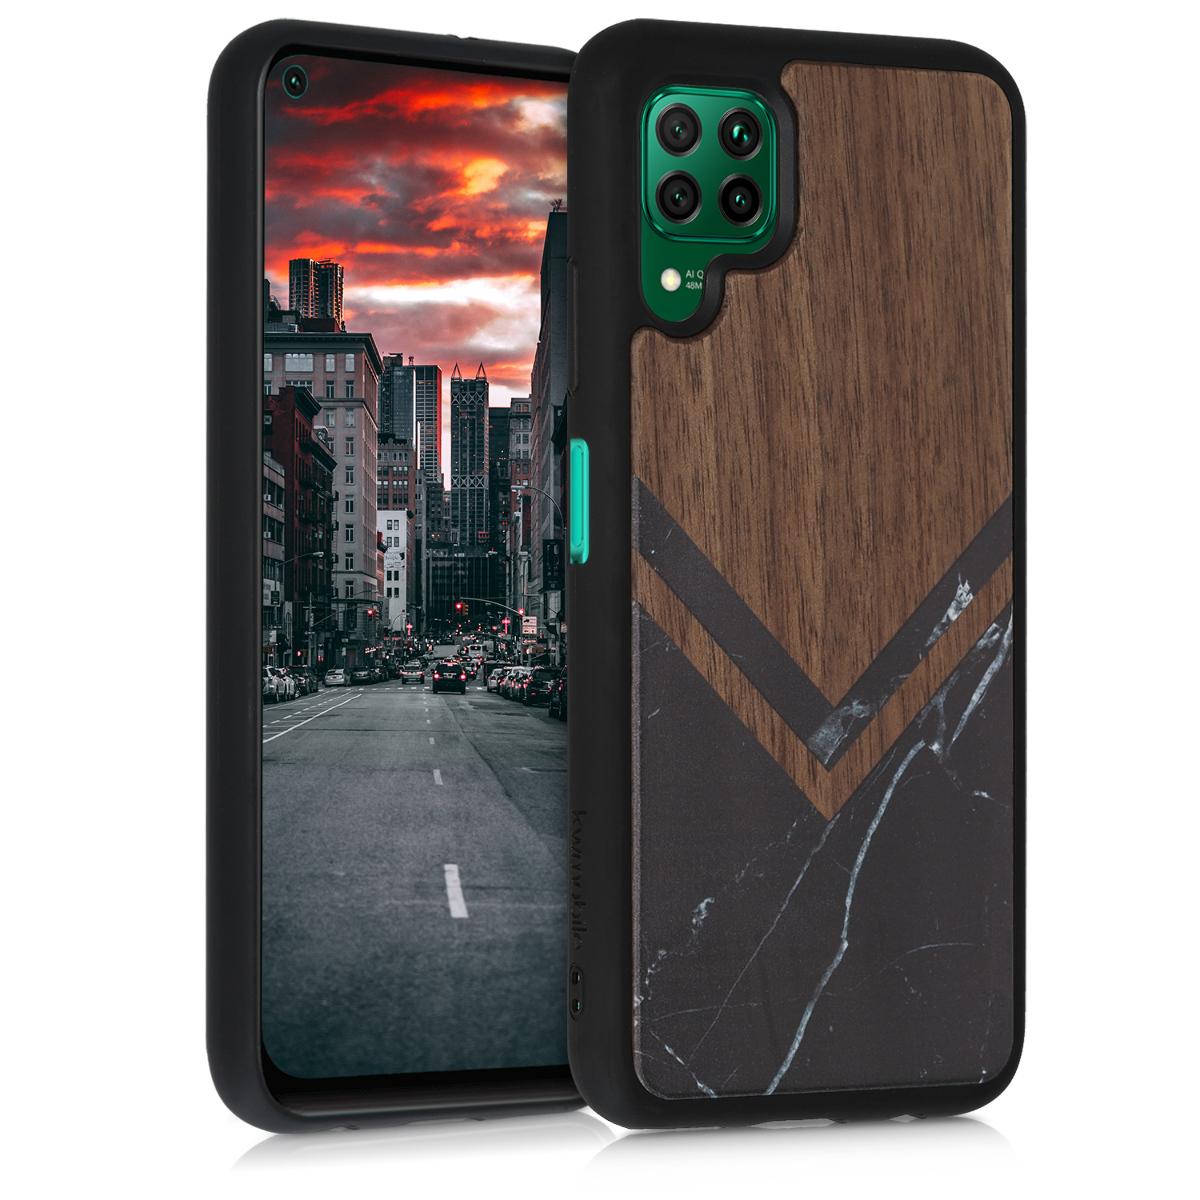 Dřevěné pouzdro / obal pro Huawei P40 Lite s motivem mramoru